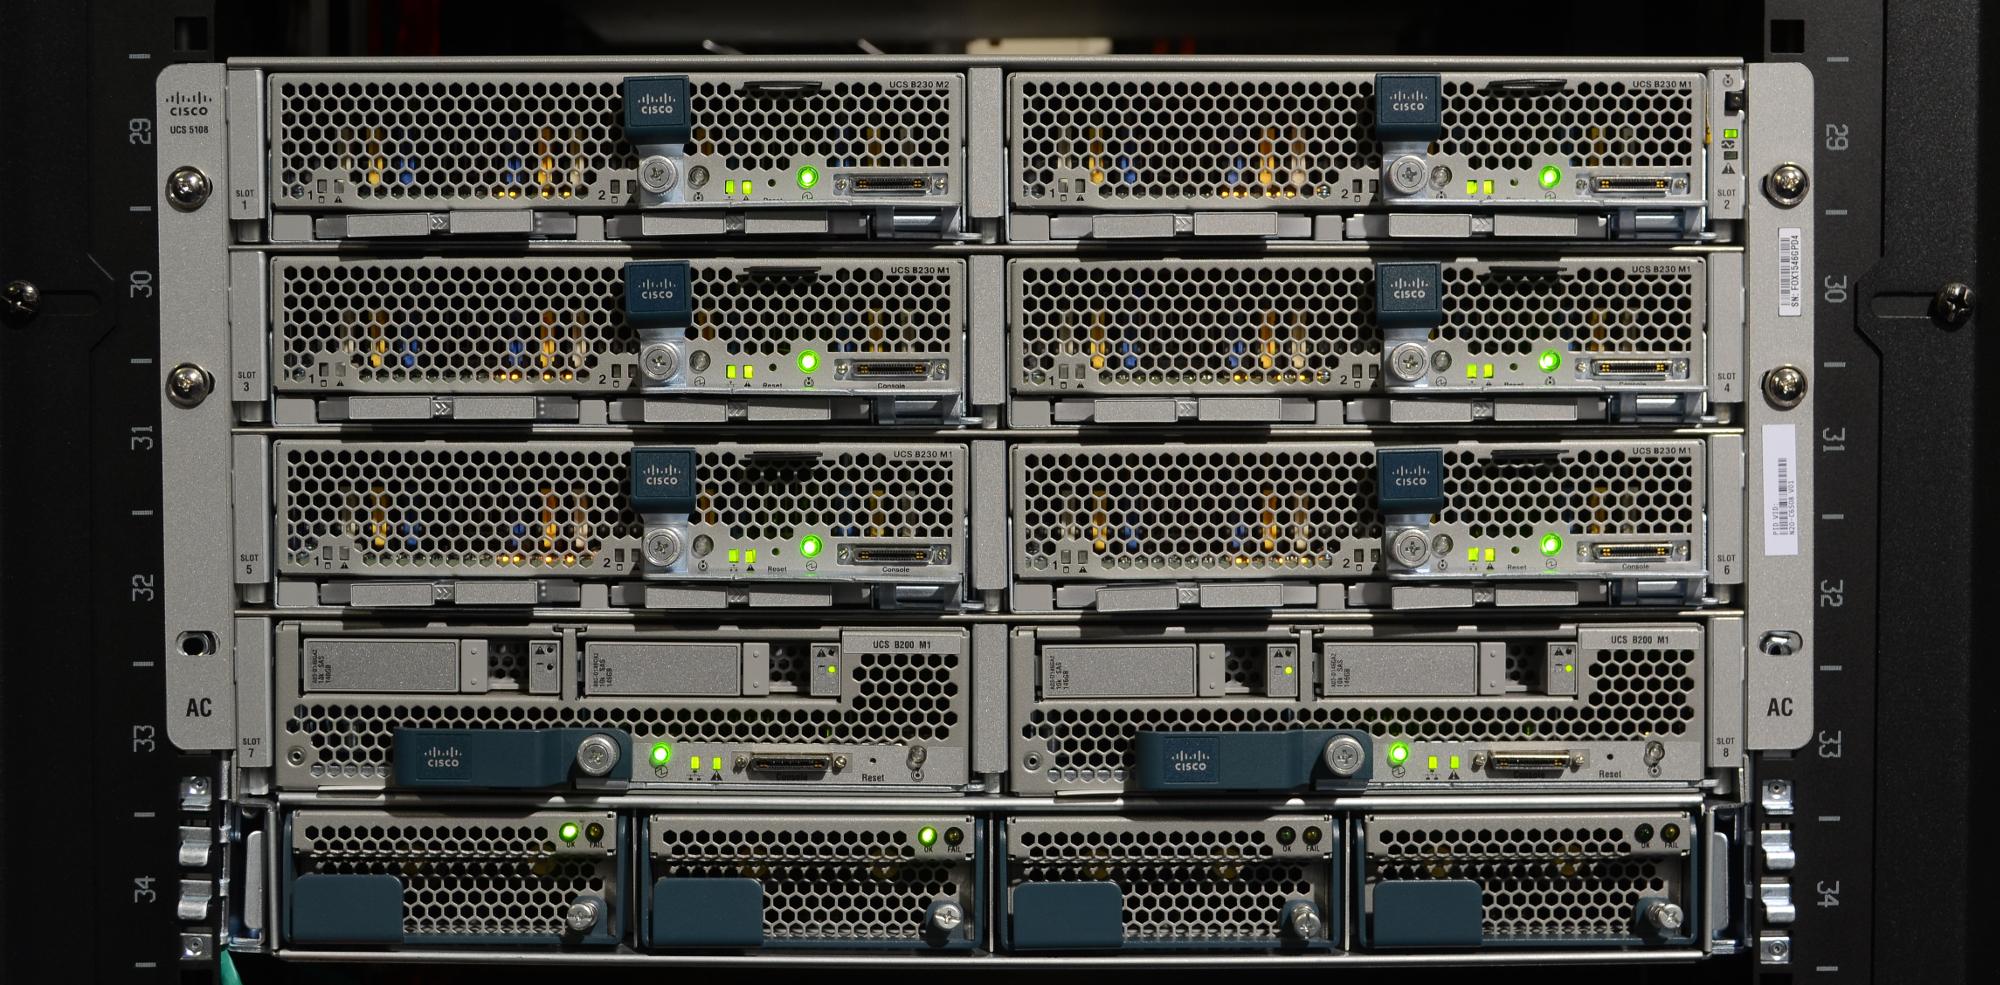 cisco ucs blade server